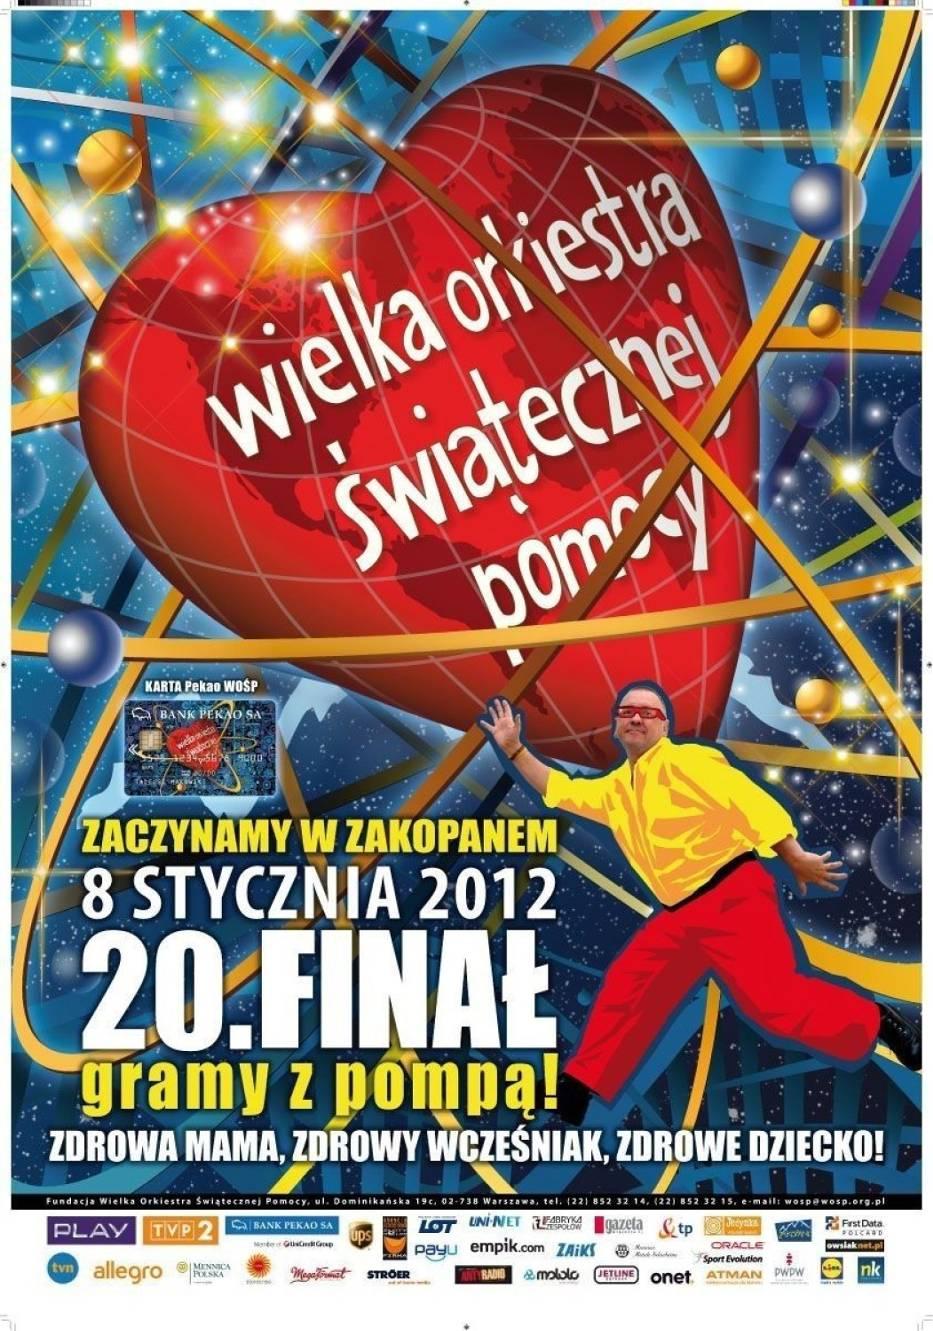 XX Finał Wielkiej Orkiestry Świątecznej Pomocy - plakat